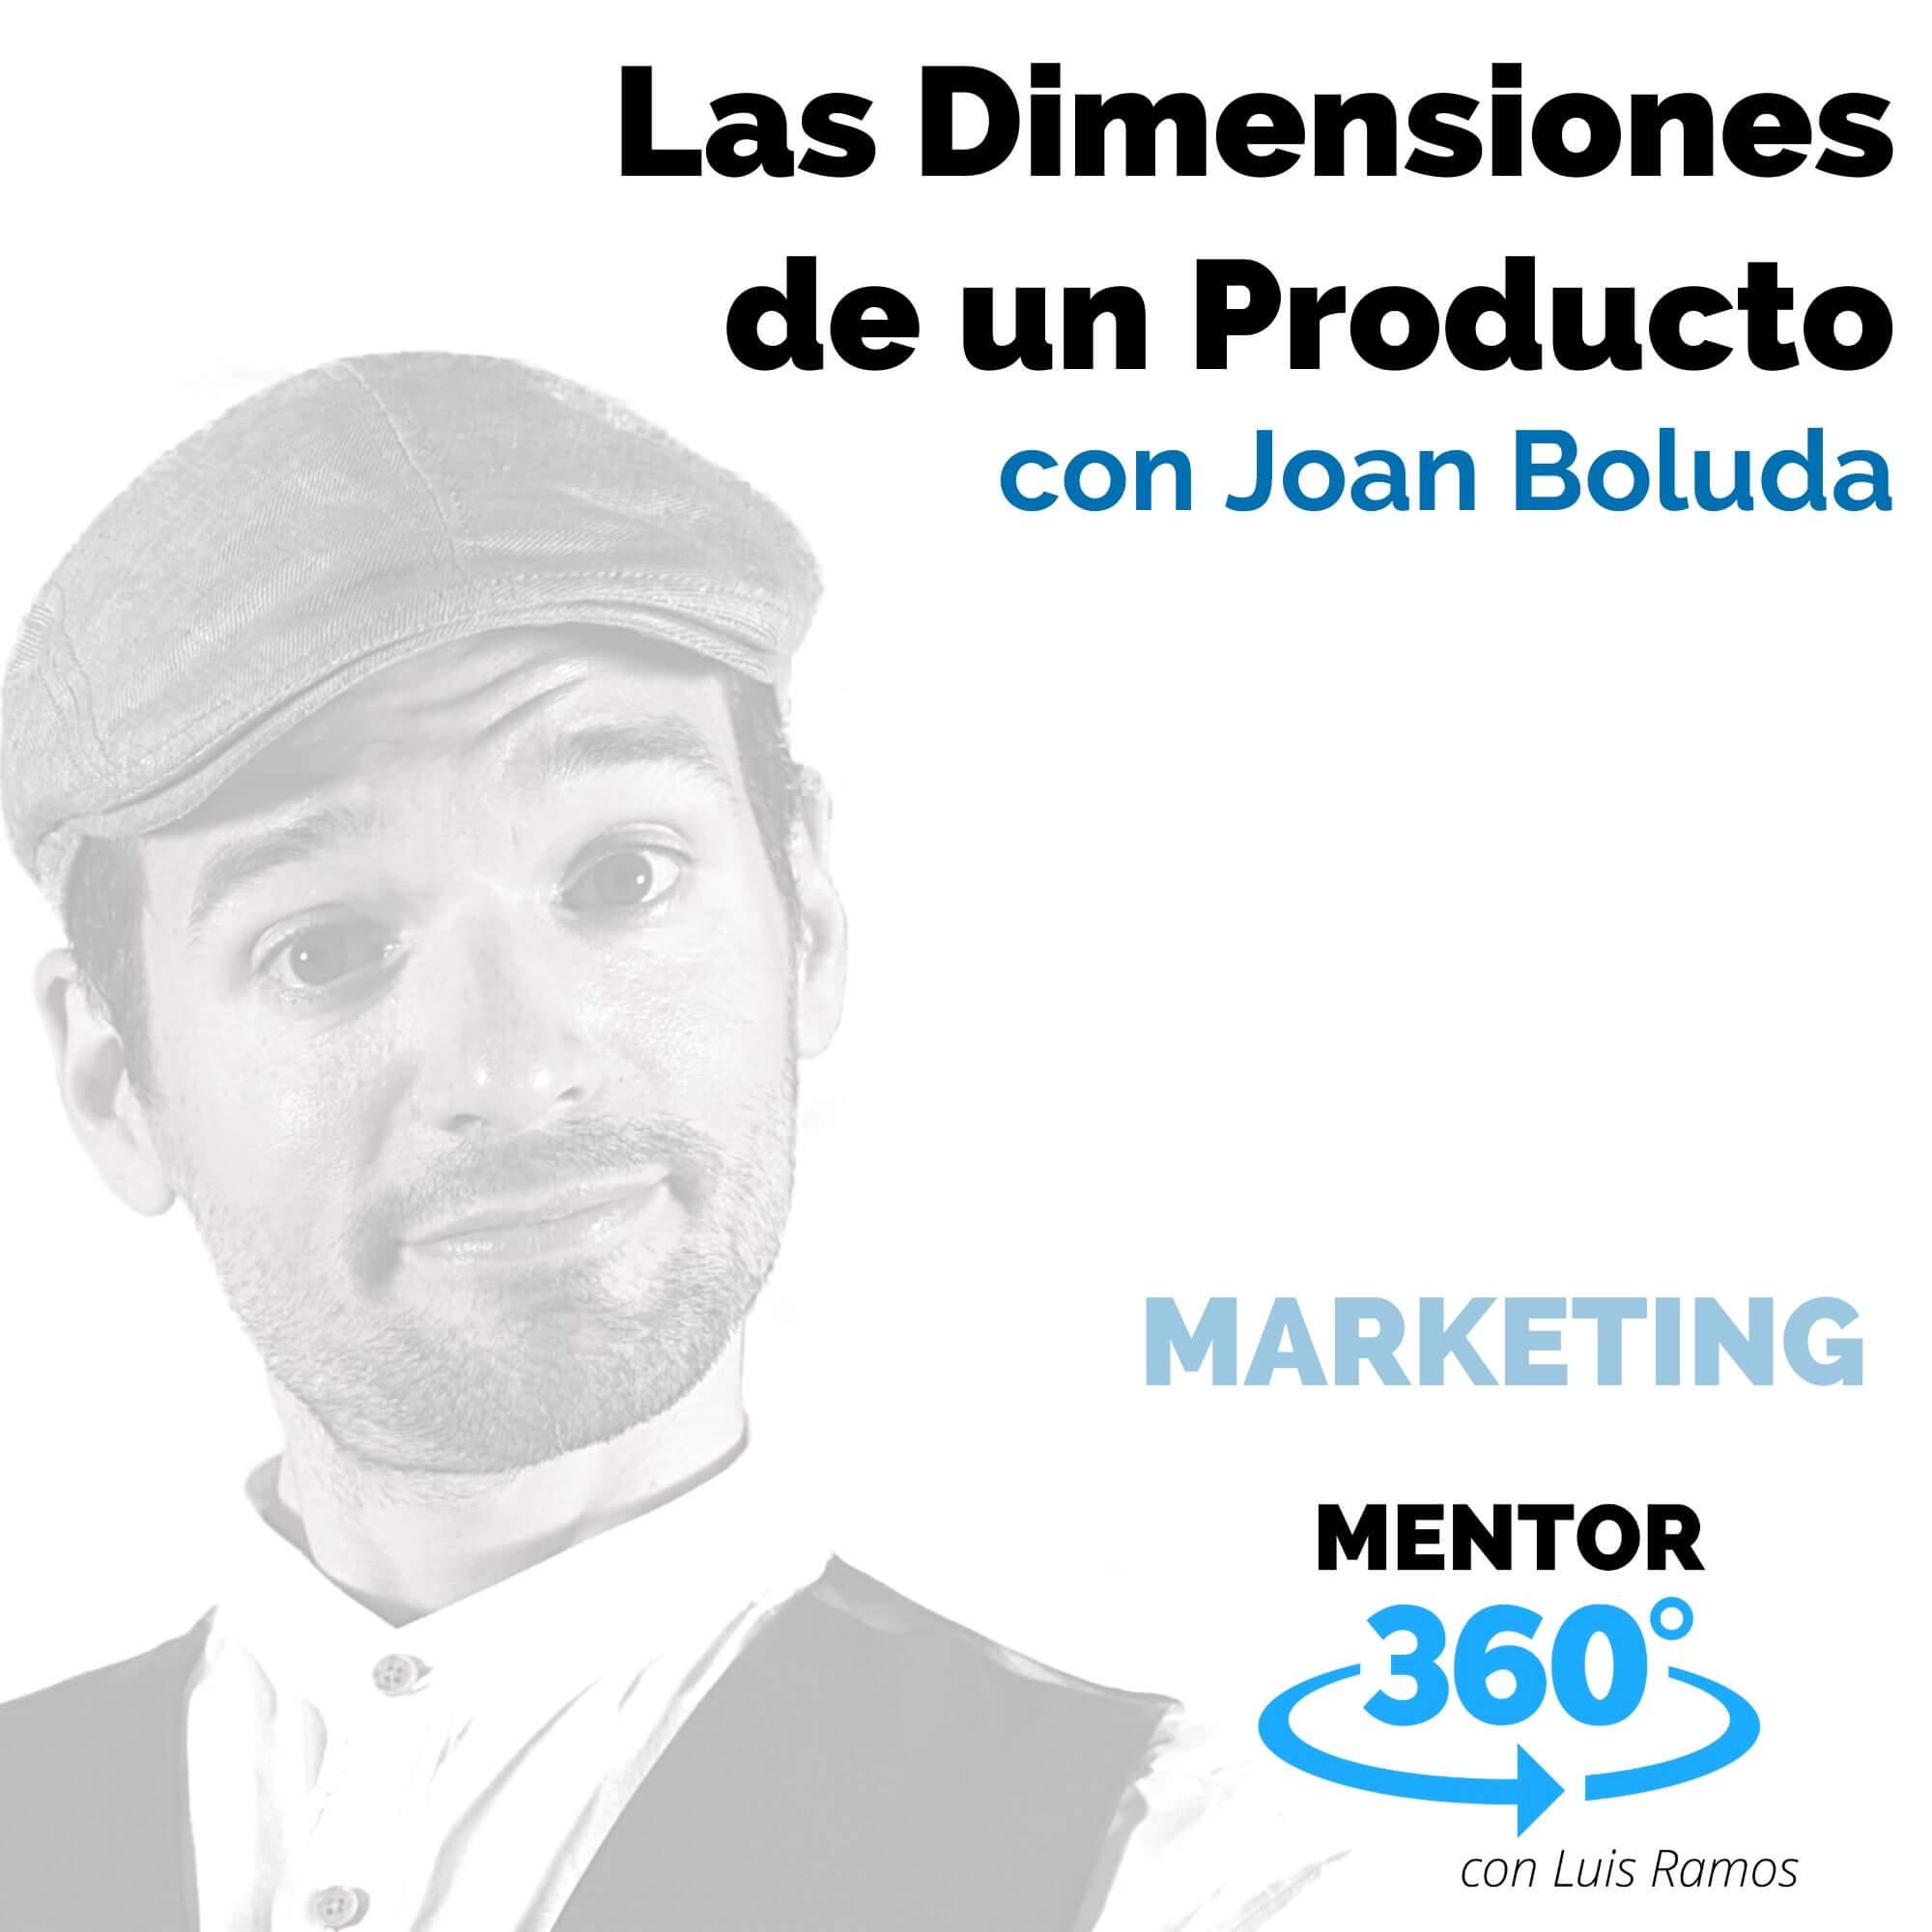 Las Dimensiones de Un Producto, con Joan Boluda - MENTOR360